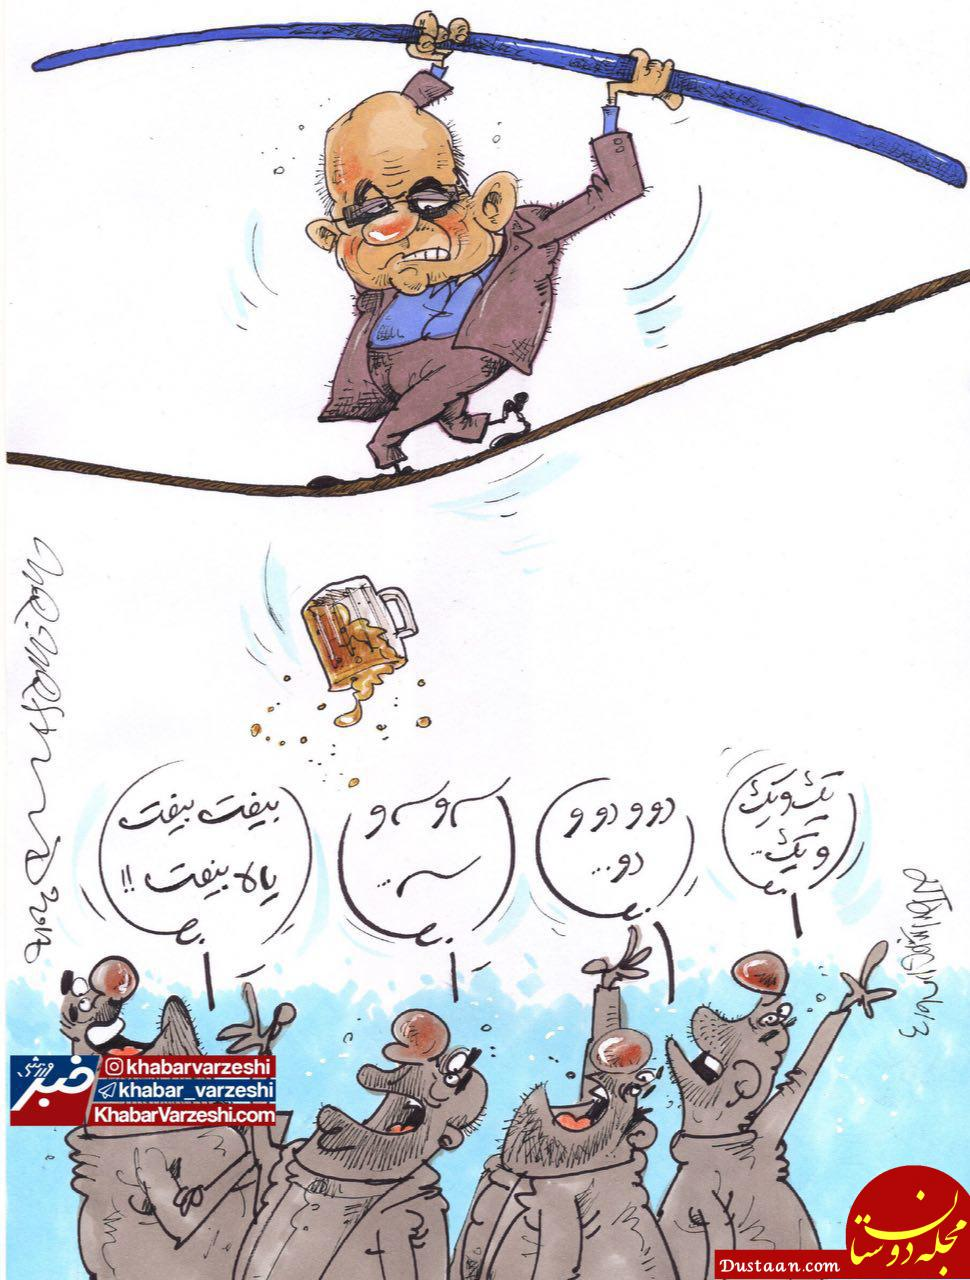 www.dustaan.com عمر کوتاه مدیرعاملى در استقلال!